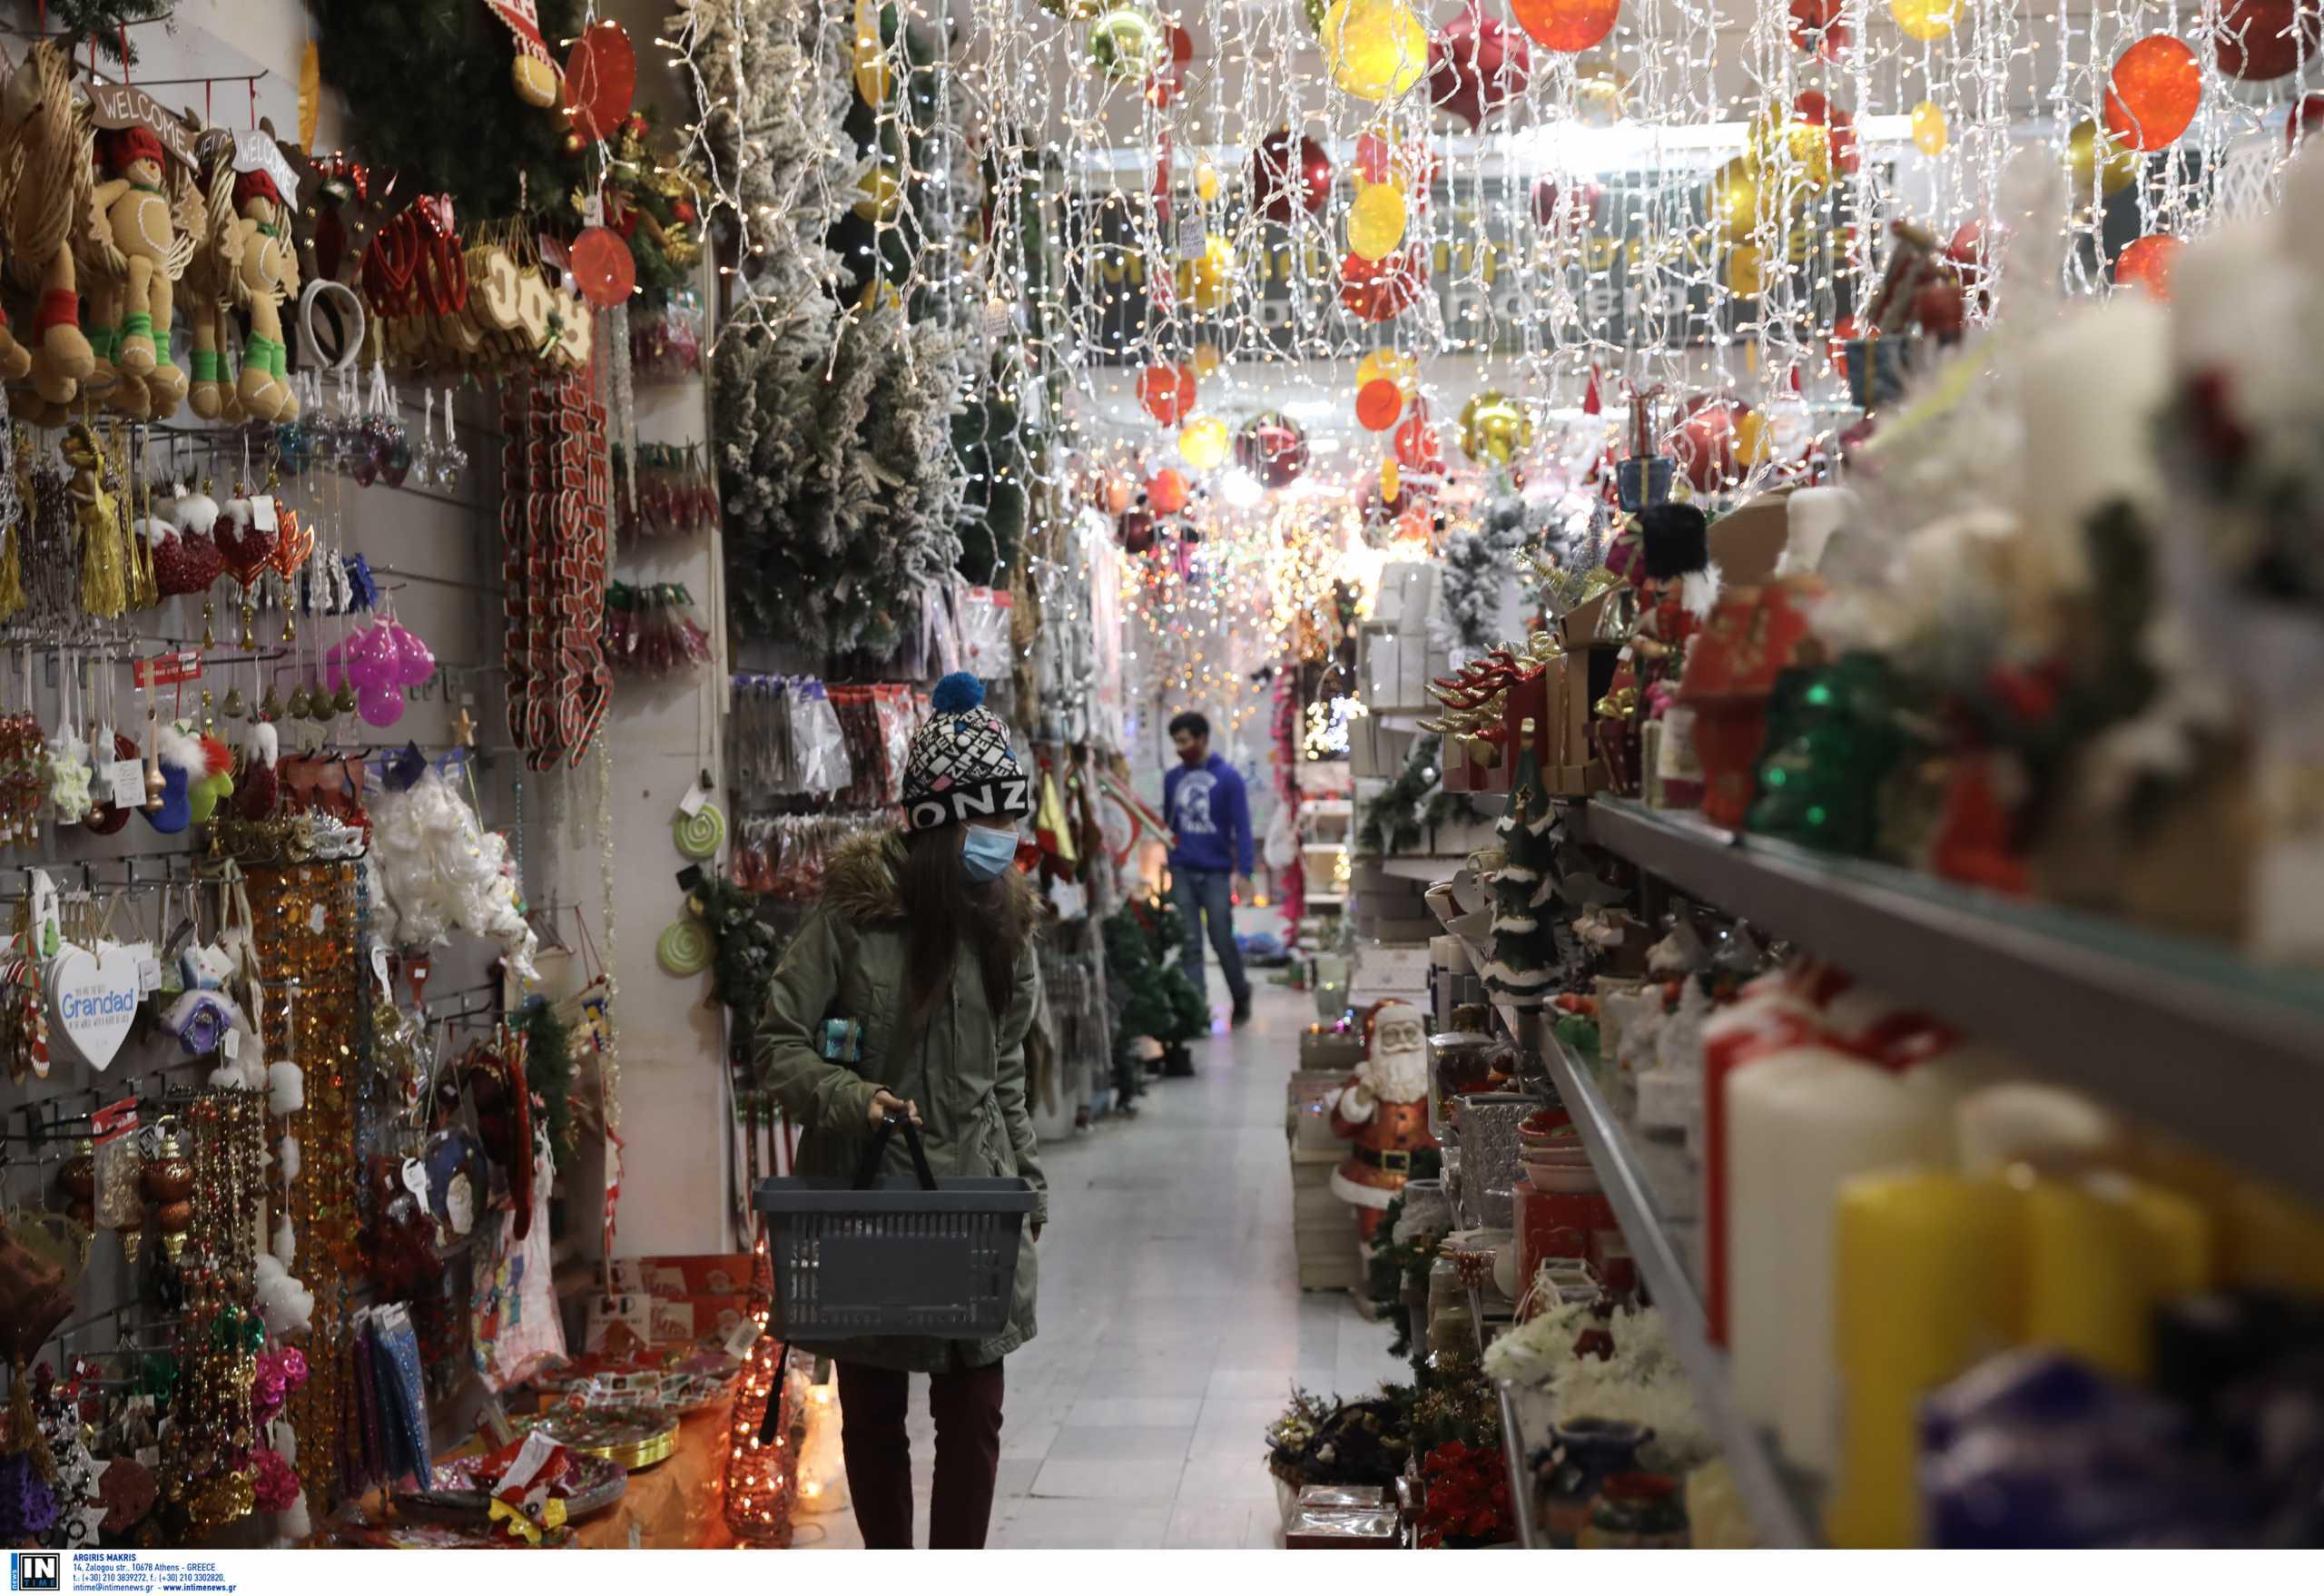 Γεωργιάδης: Διευρυμένο ωράριο στα καταστήματα με τα Χριστουγεννιάτικα – Συμβουλευτήκαμε τους ειδικούς